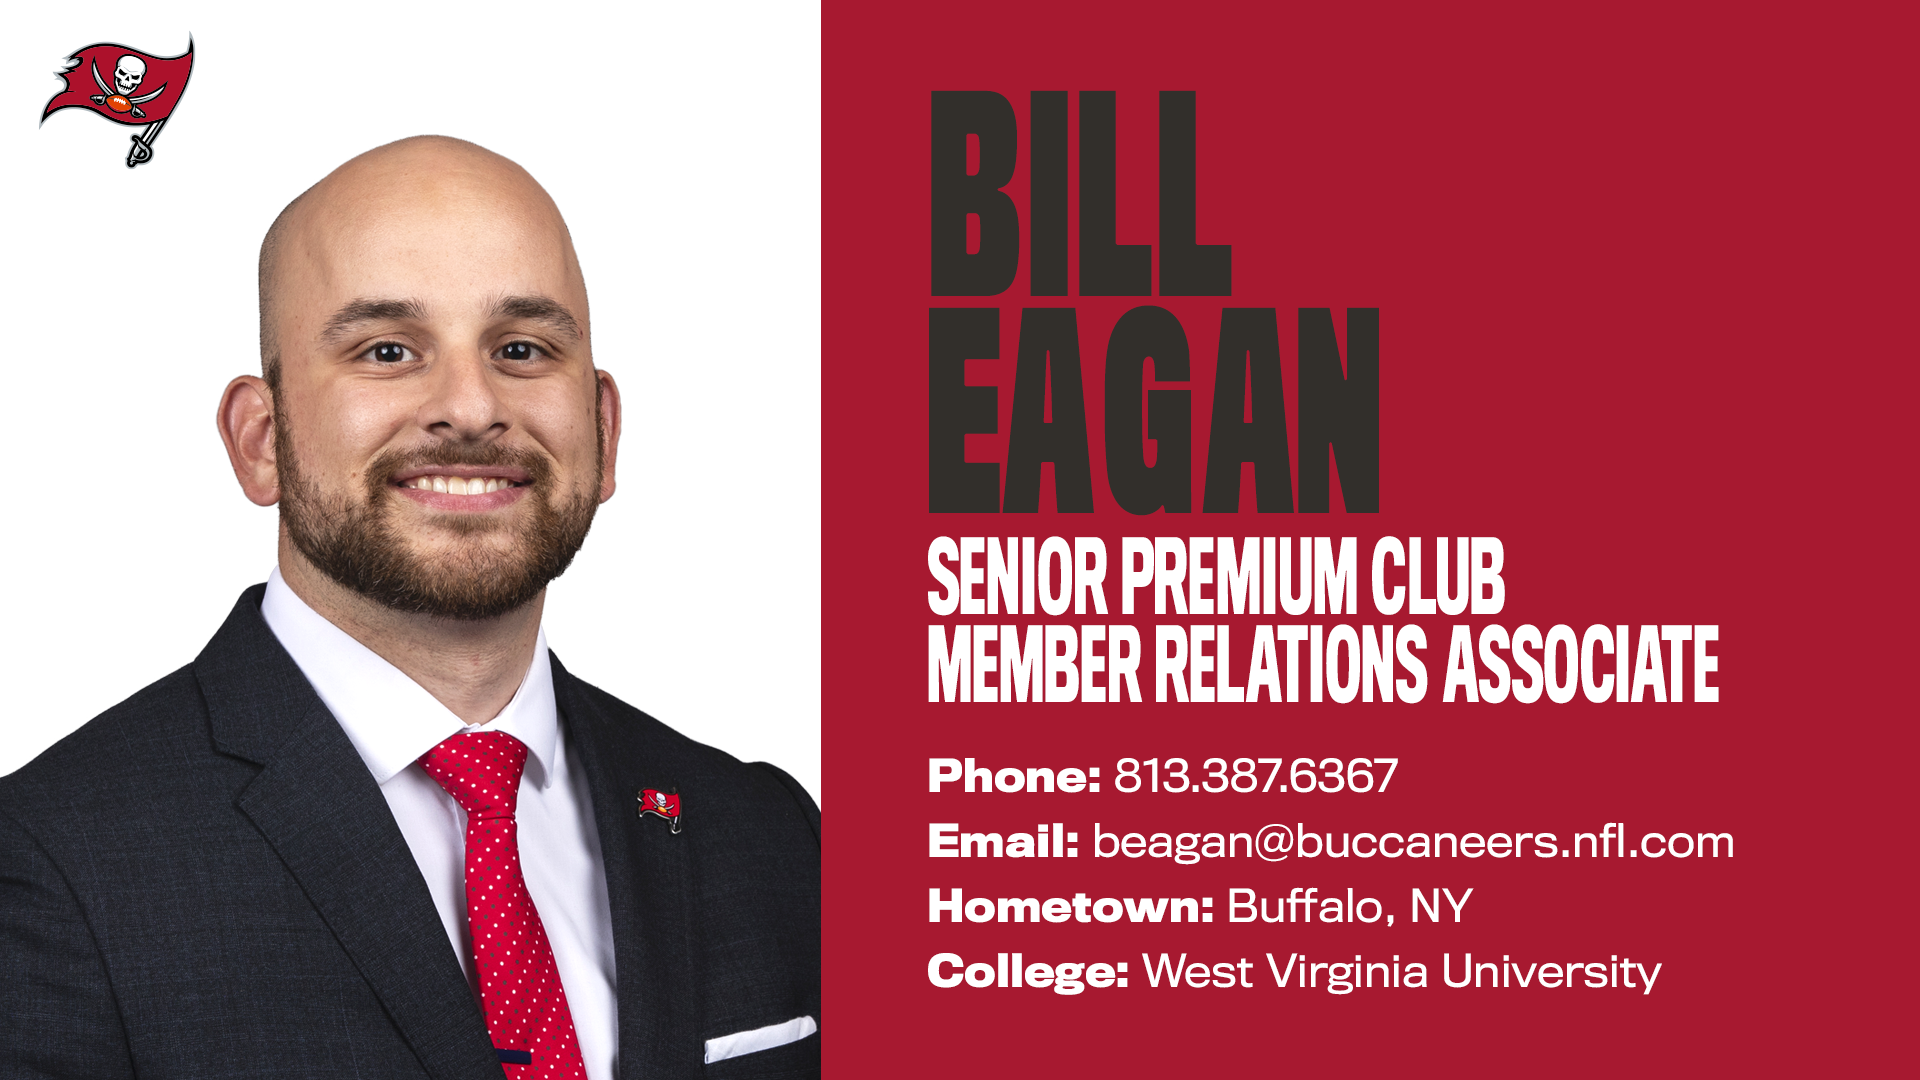 Bill Eagan